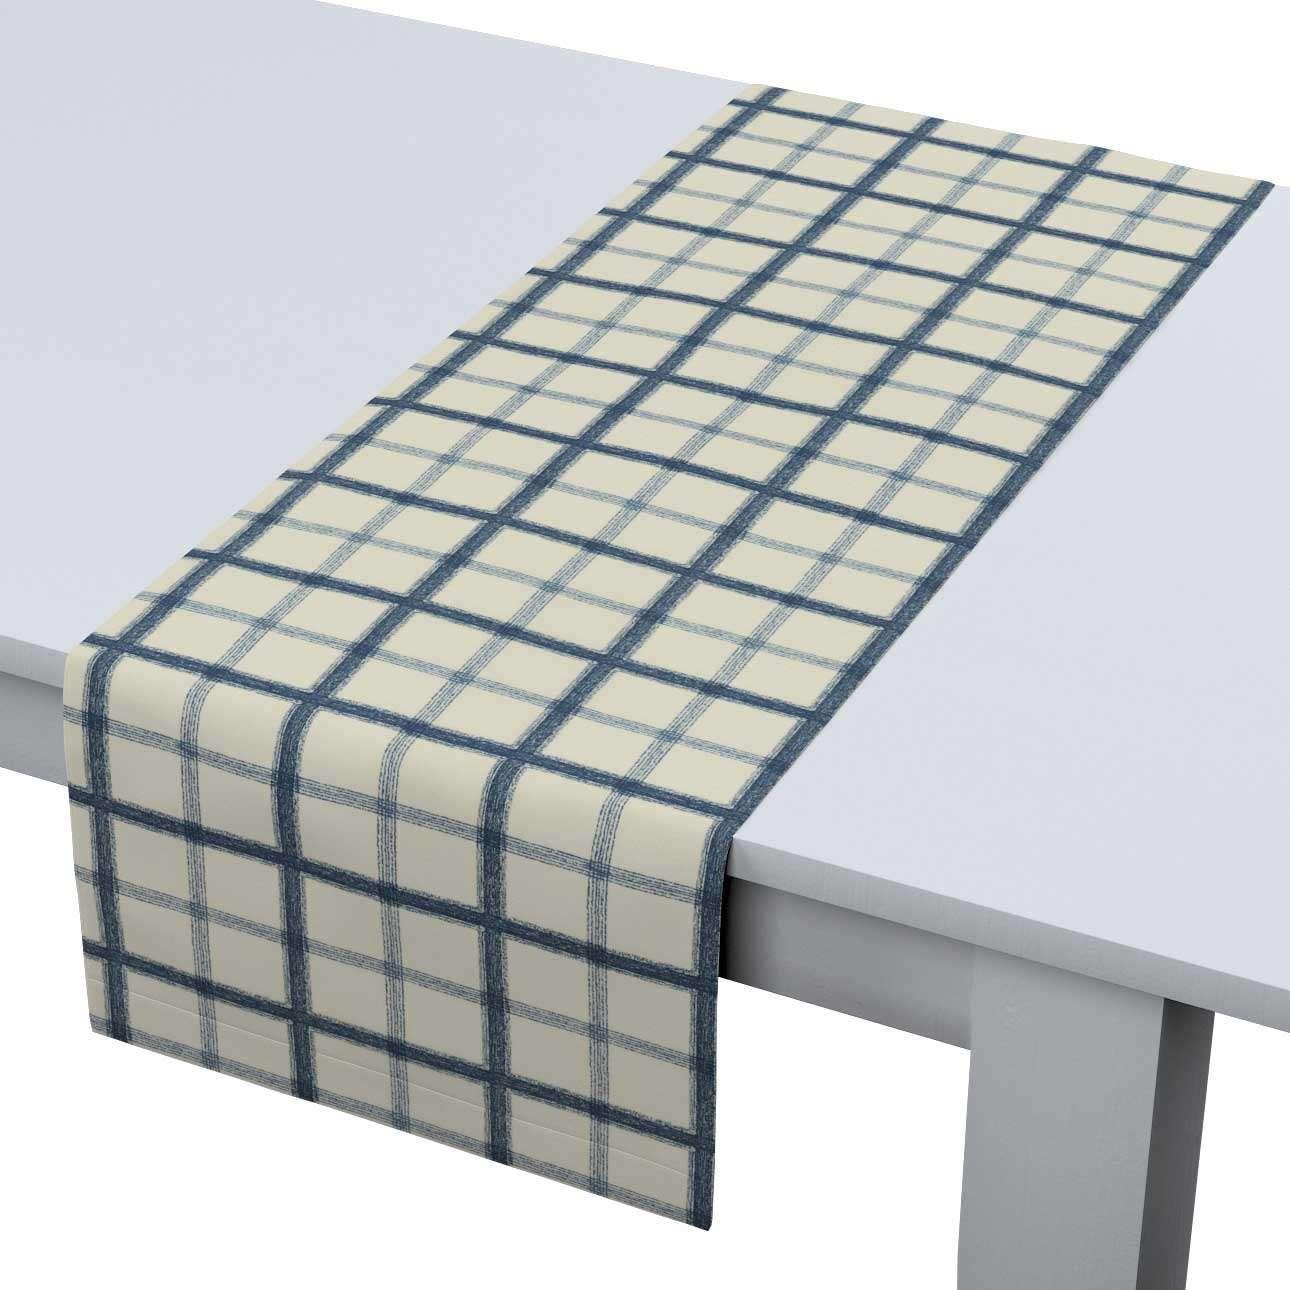 Bieżnik prostokątny 40x130 cm w kolekcji Avinon, tkanina: 131-66